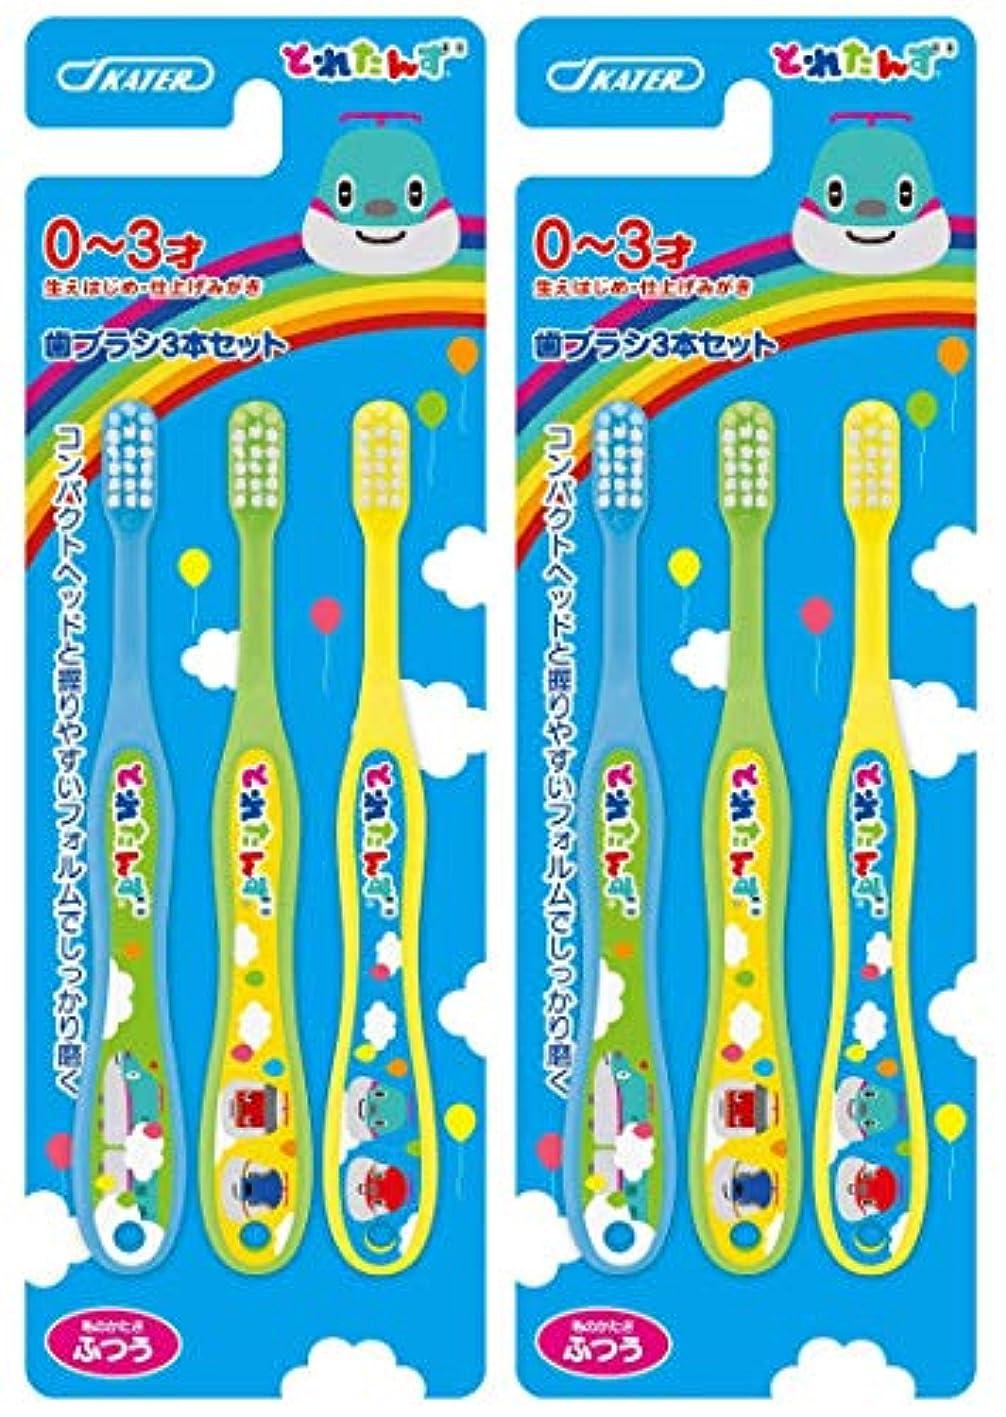 チョコレート洋服後方スケーター 歯ブラシ 幼児期用 0-3才 普通 6本セット (3本セット×2個) とれたんず 15cm TB4T